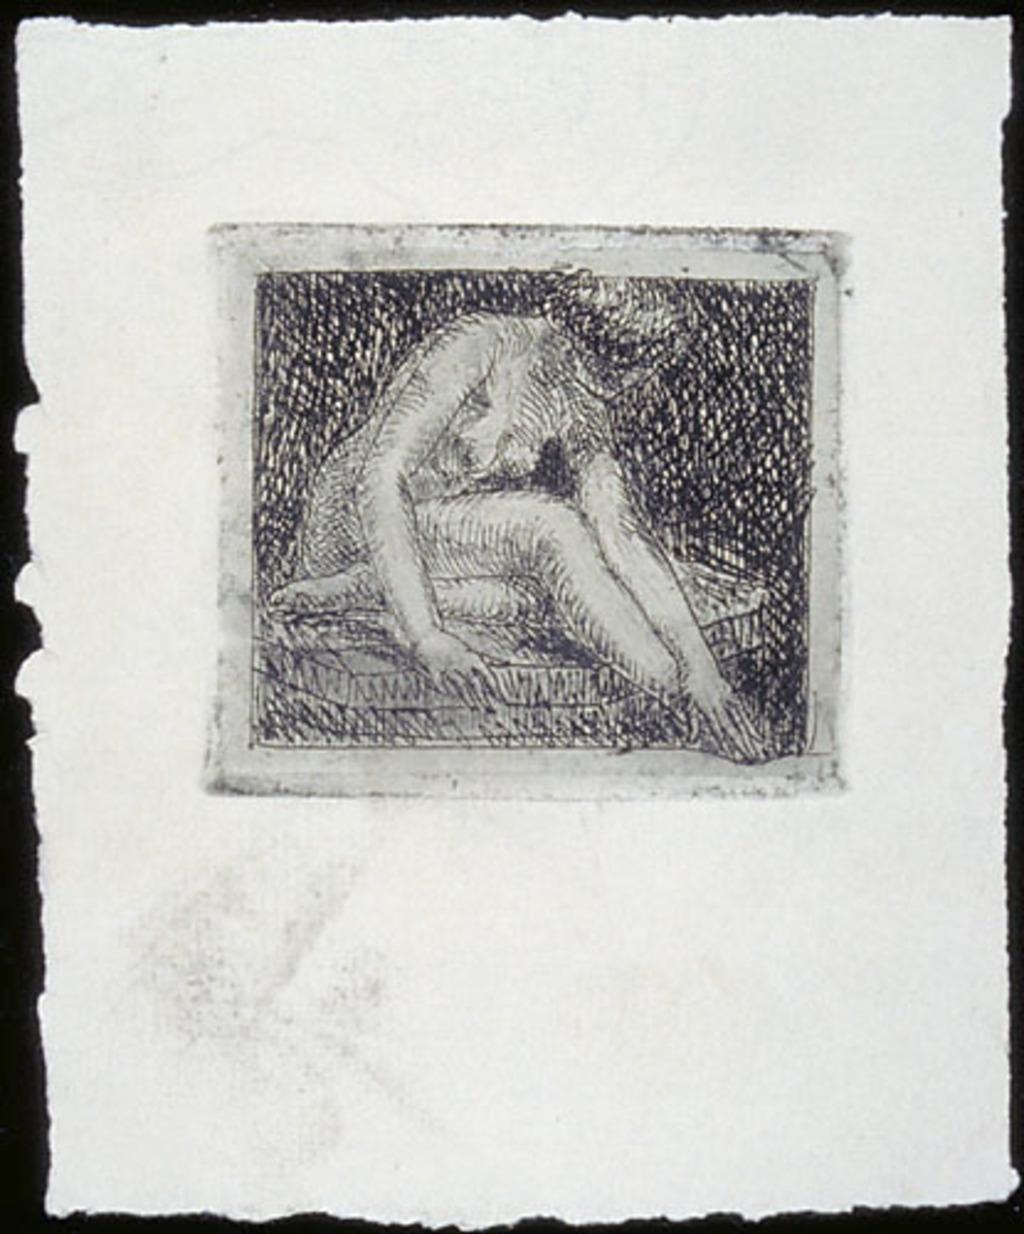 Femme nue assise se touchant le pied droit